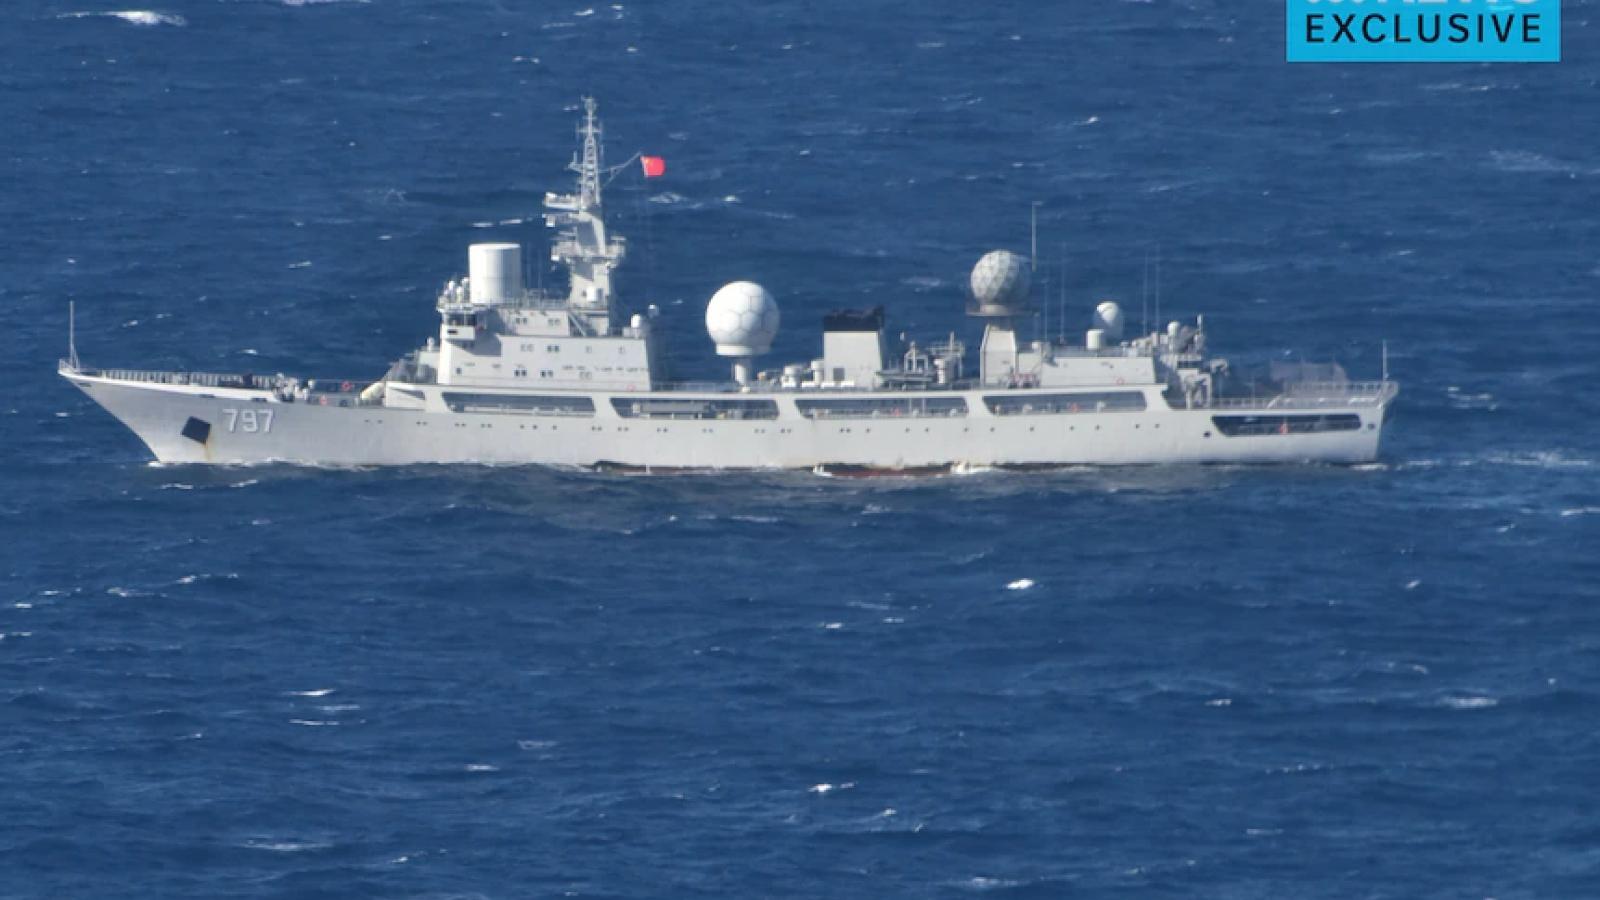 Tàu do thám Trung Quốc xuất hiện ở vùng biển ngoài khơi bang Queensland của Australia